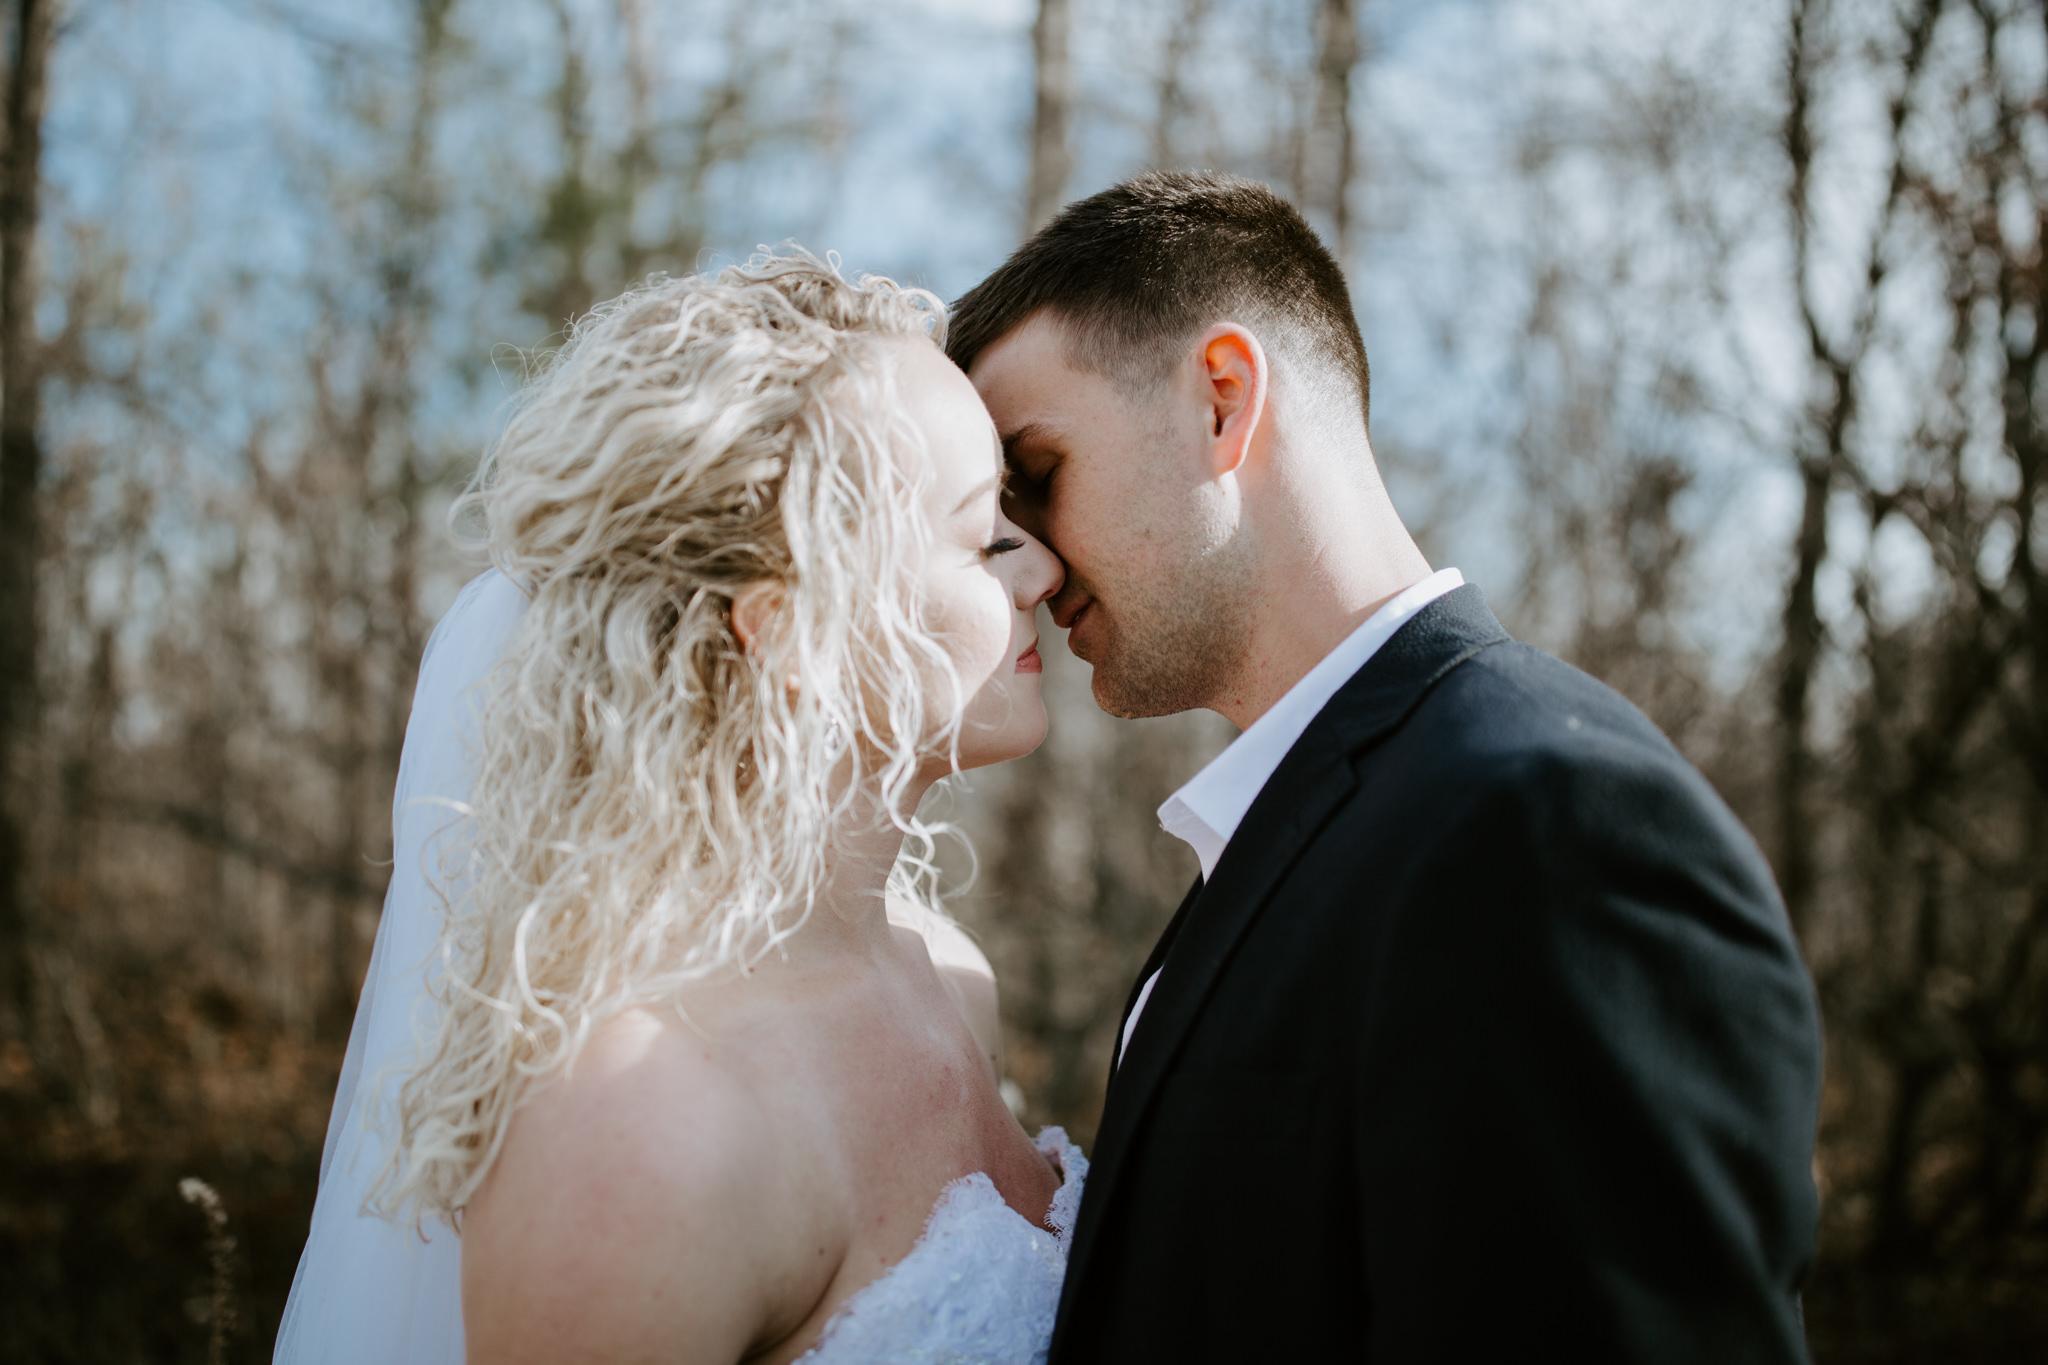 Lauren-and-Trent-Chattanooga-Nashville-Wedding-Elopement-Photographer-38.jpg